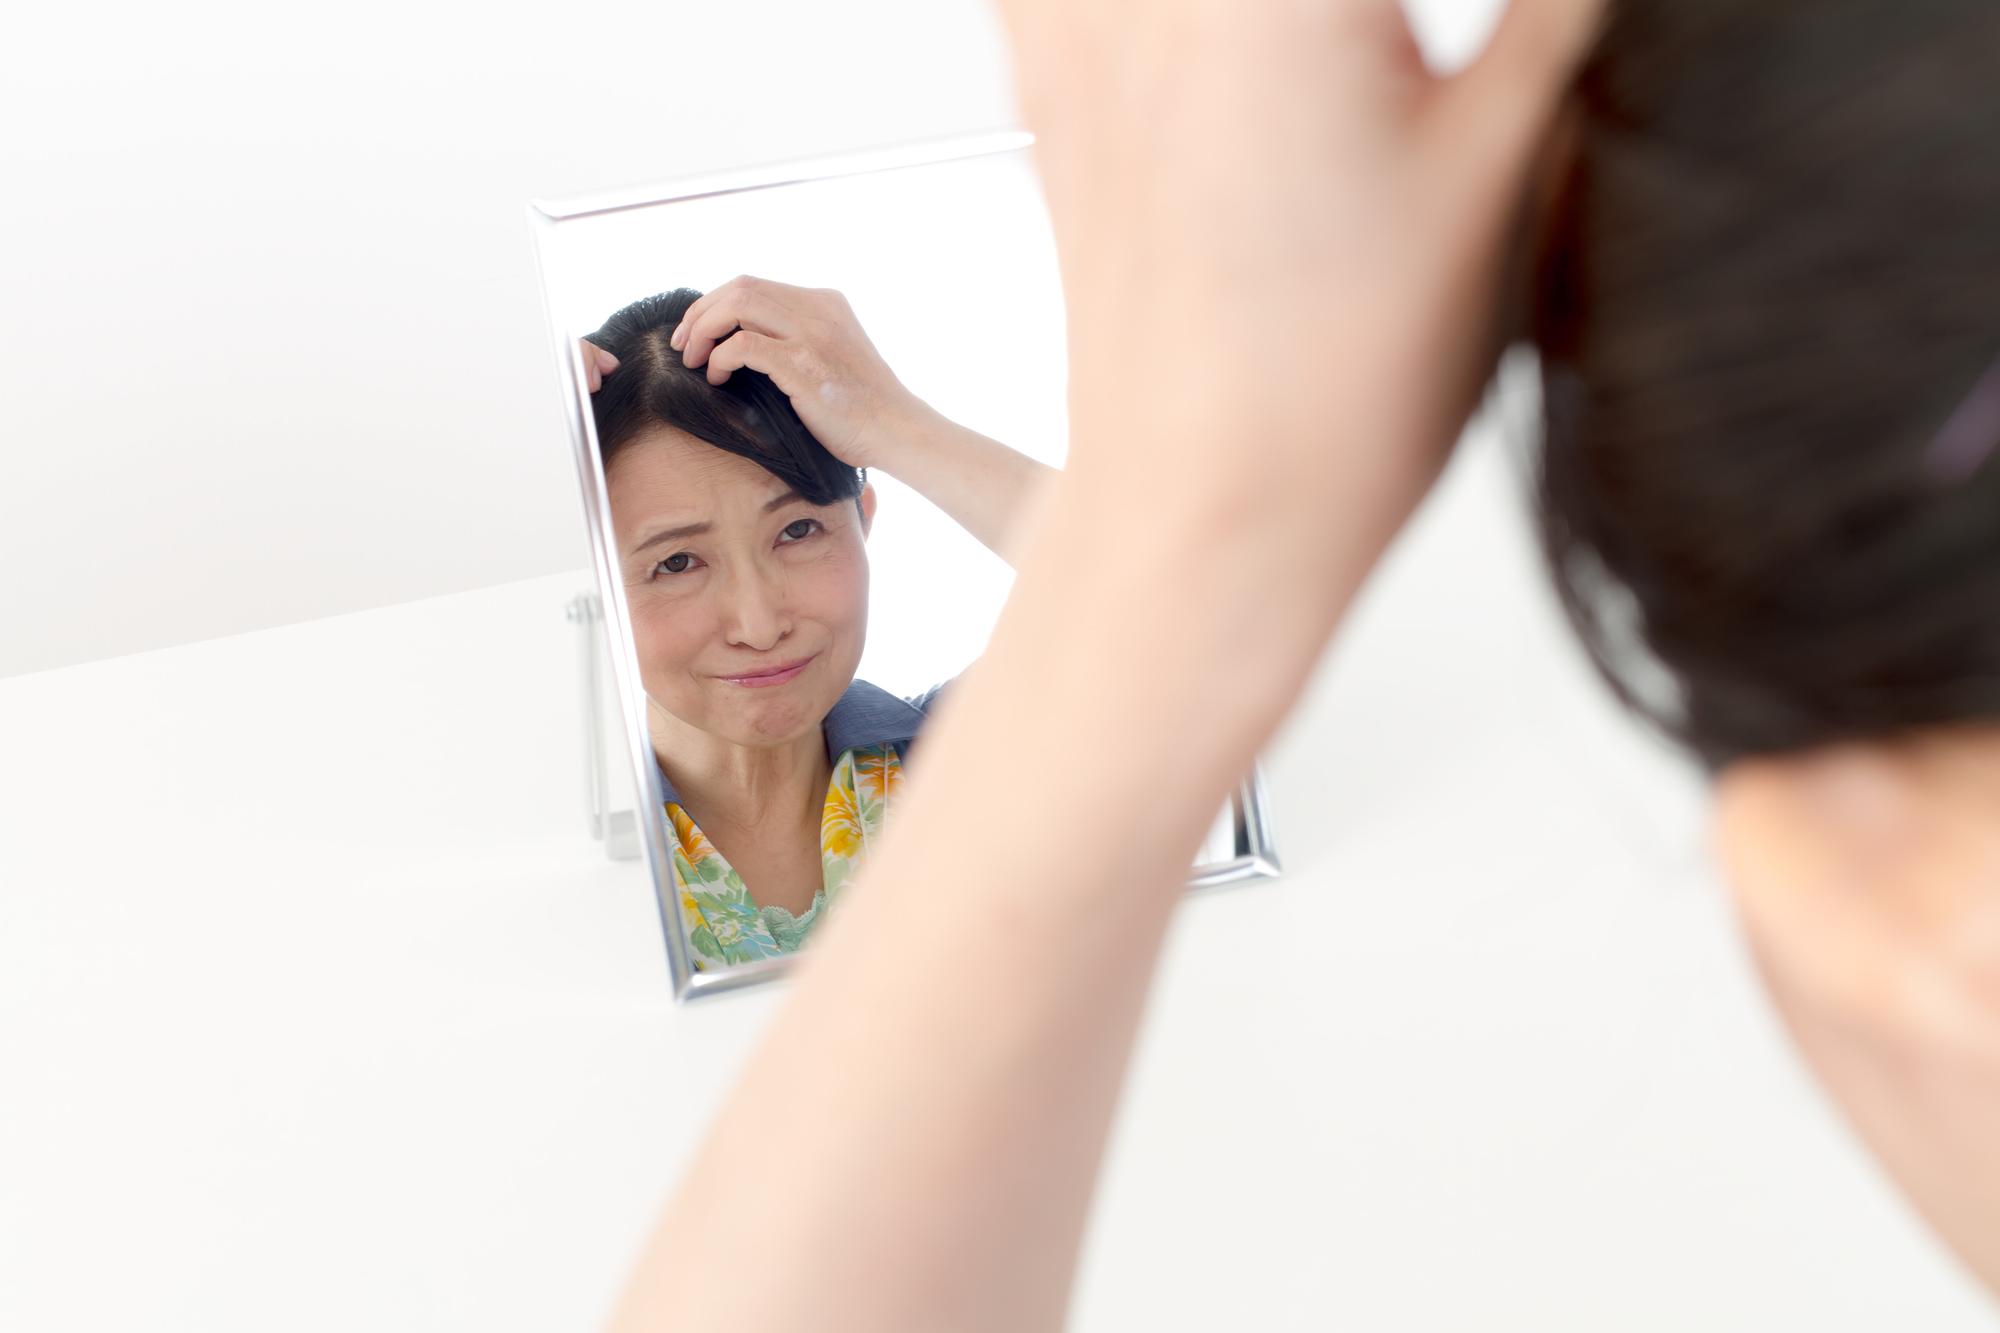 頭皮をきにする女性